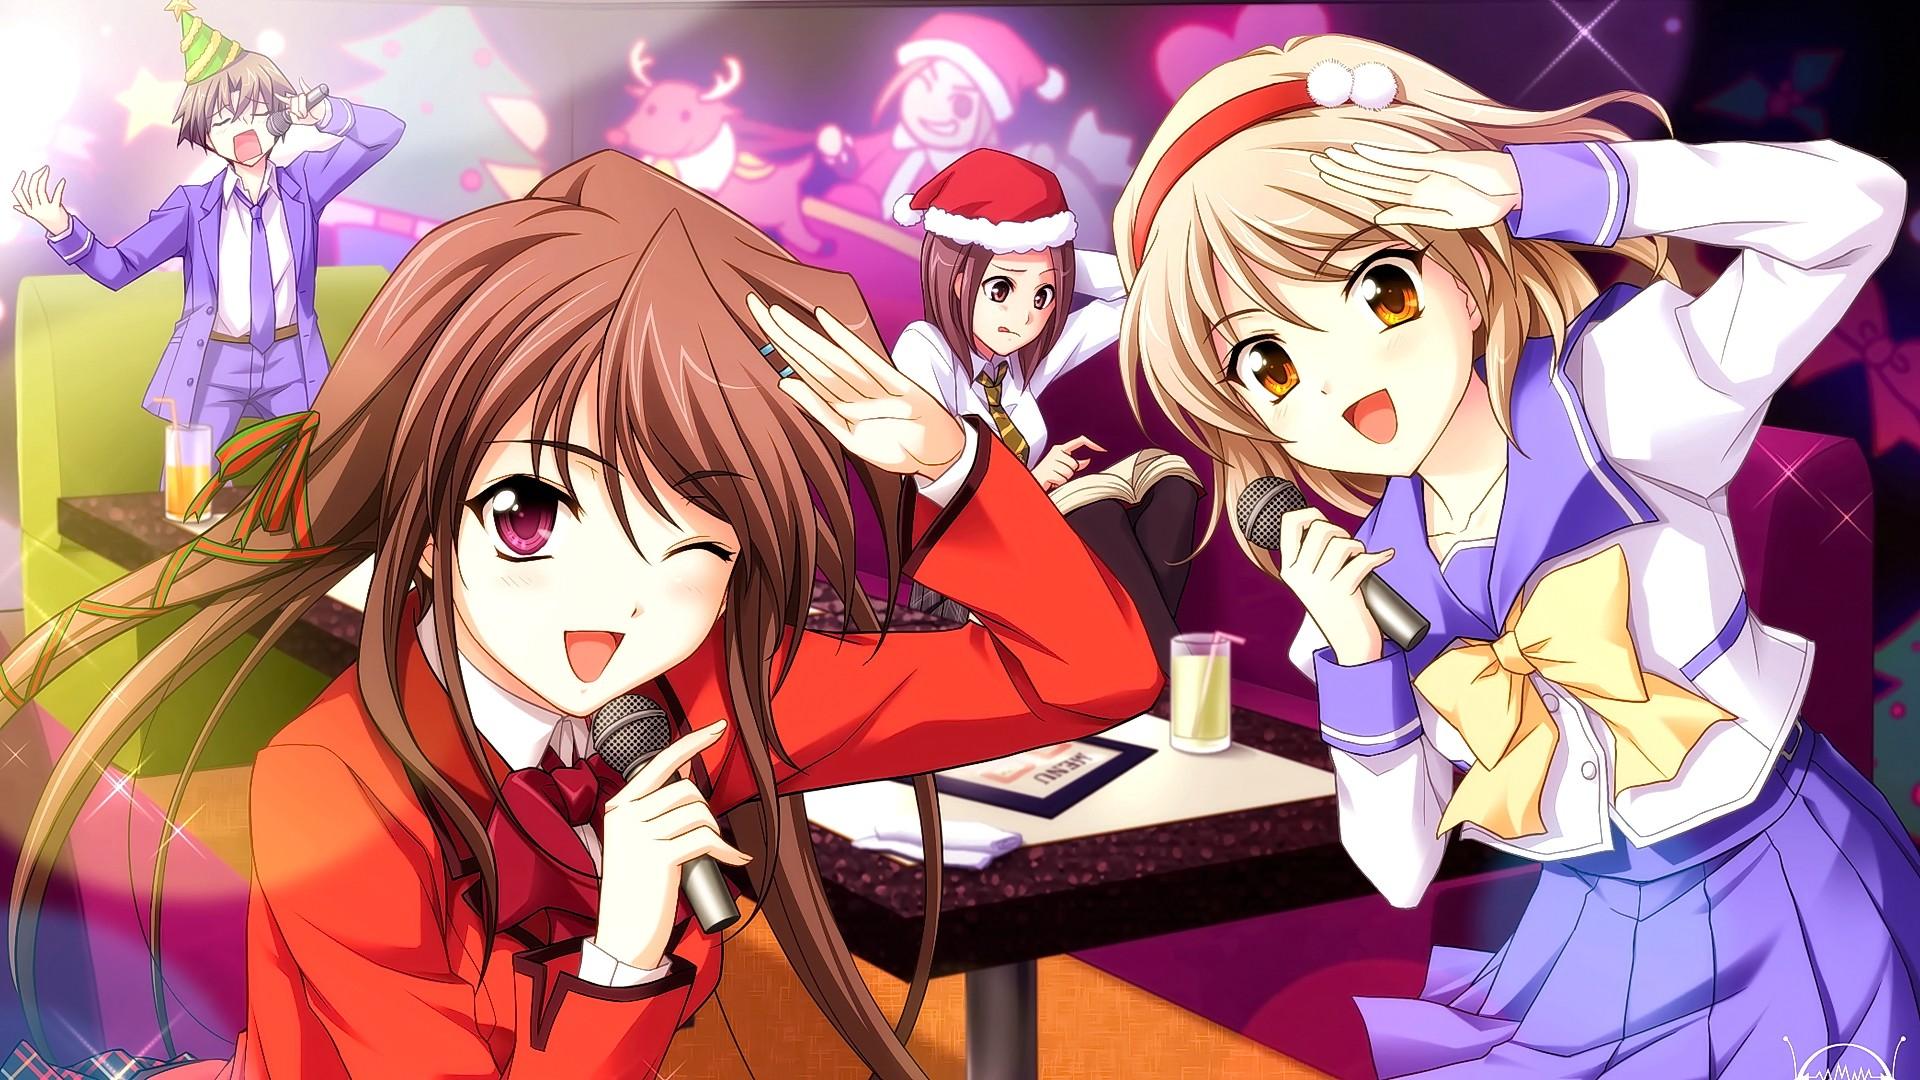 Wallpaper : illustration, flowers, anime girls, open mouth